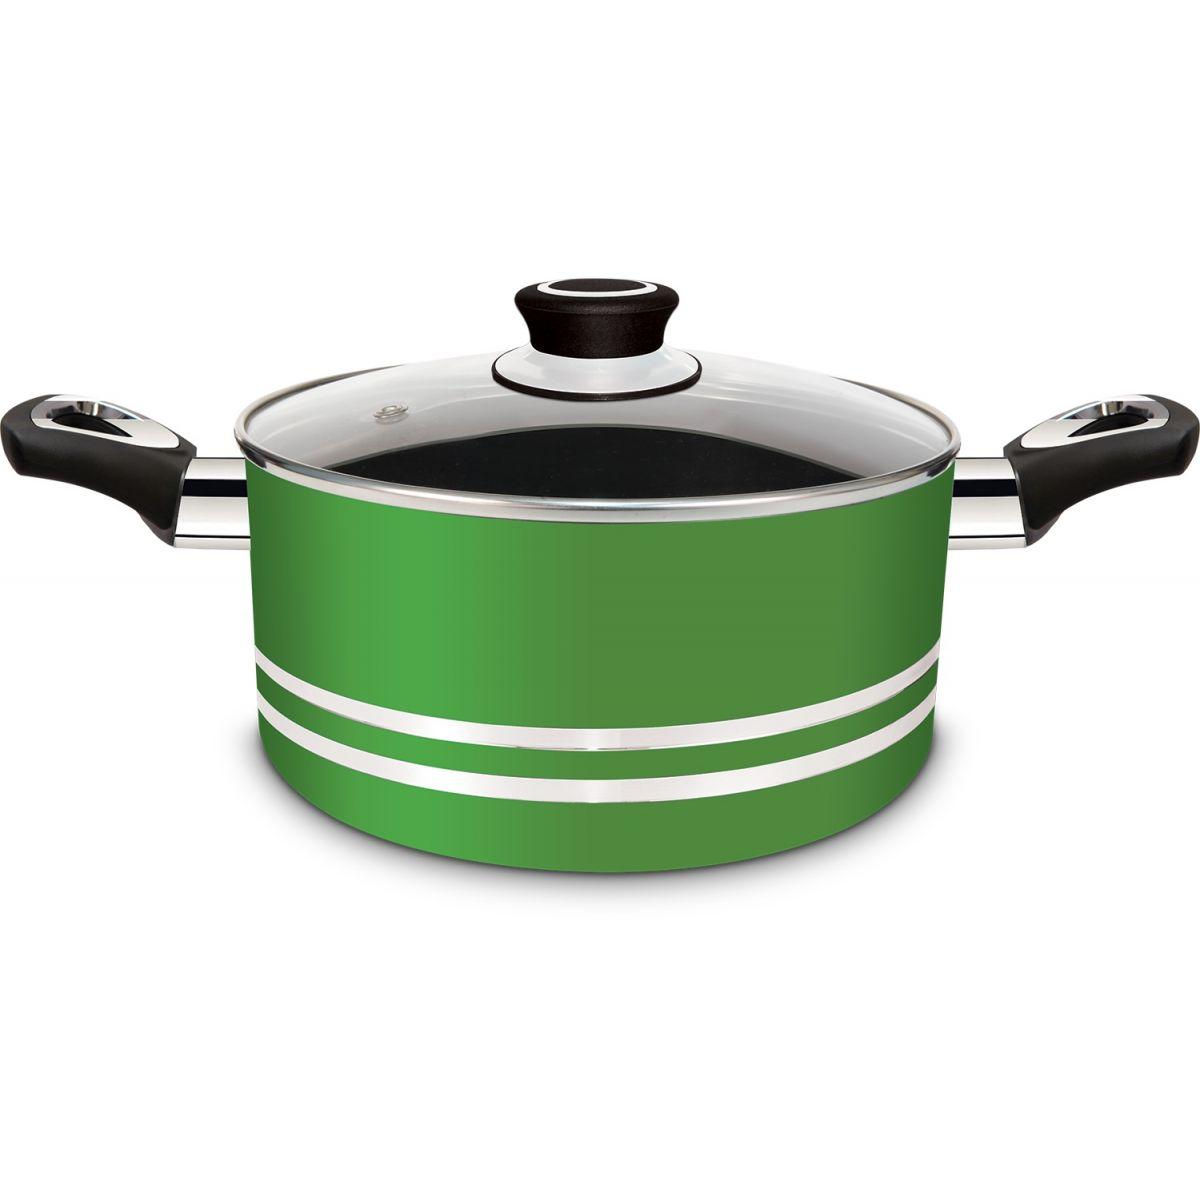 Conjunto de Panelas Eirilar Clarity Green Antiaderente 4 Peças  - ShopNoroeste.com.br